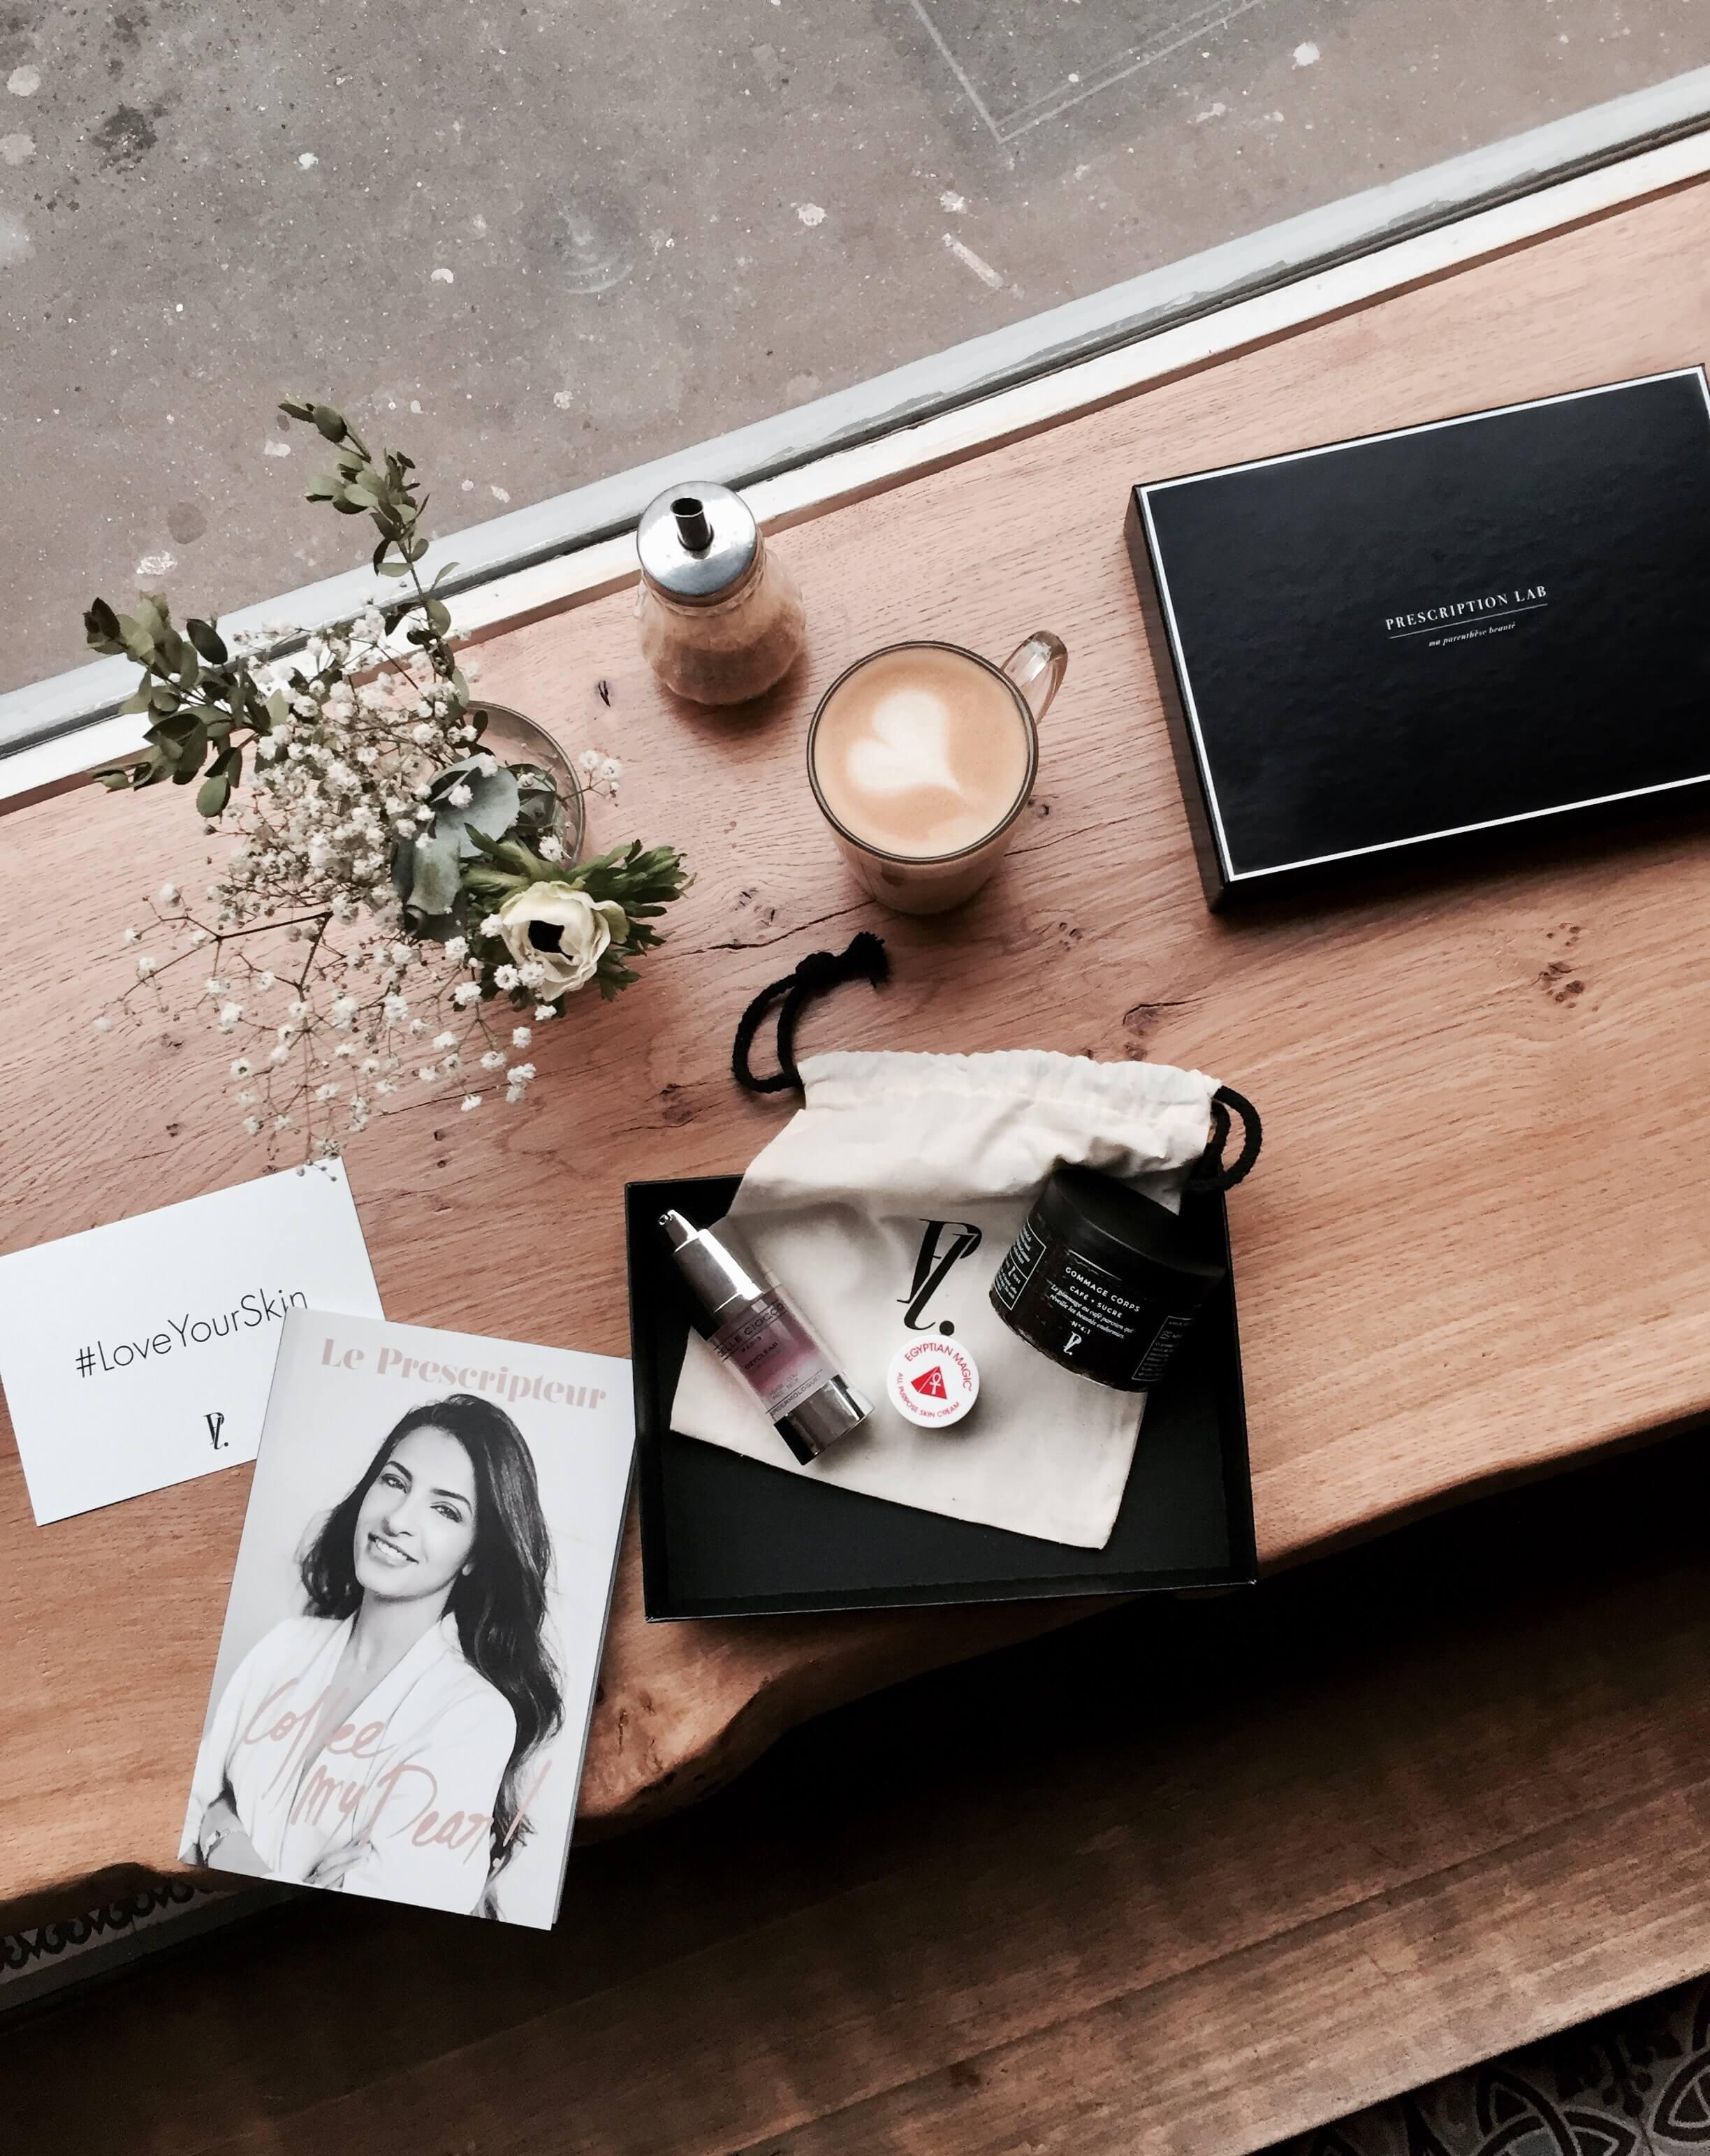 Prescription Lab L'atelier d'al blog mode lifestyle Paris